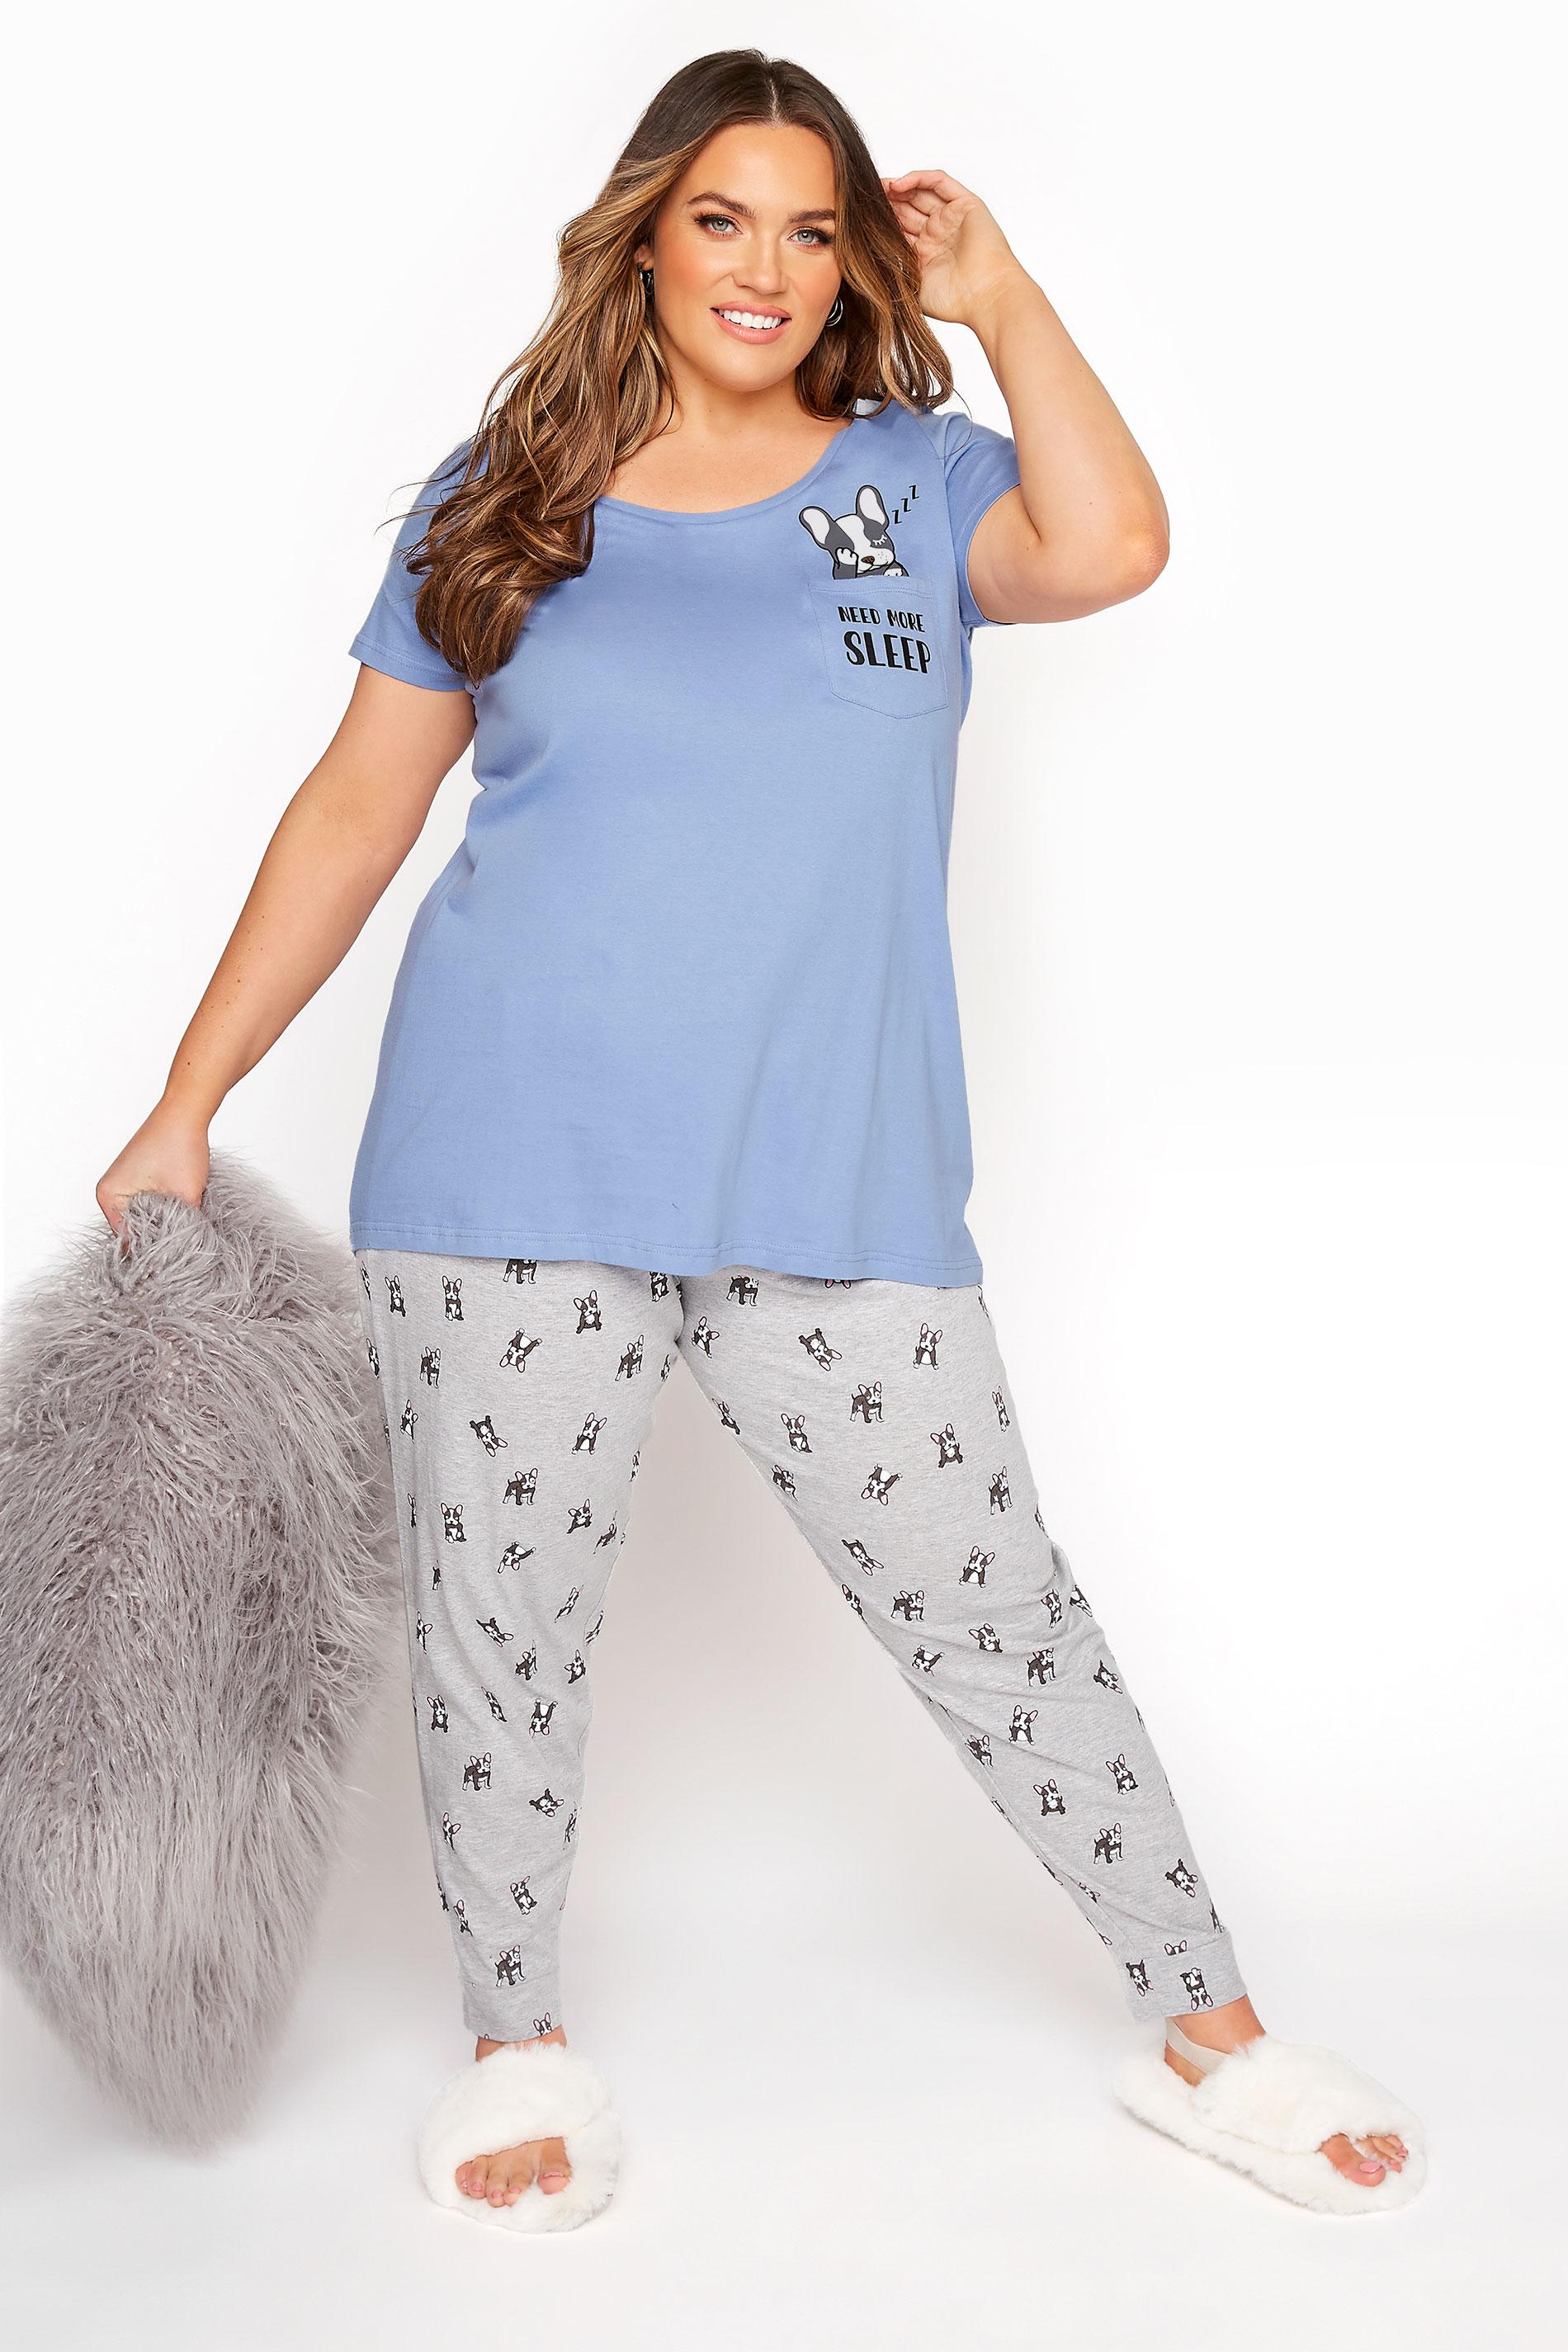 Pale Blue 'Need More Sleep' Slogan Pyjama Set